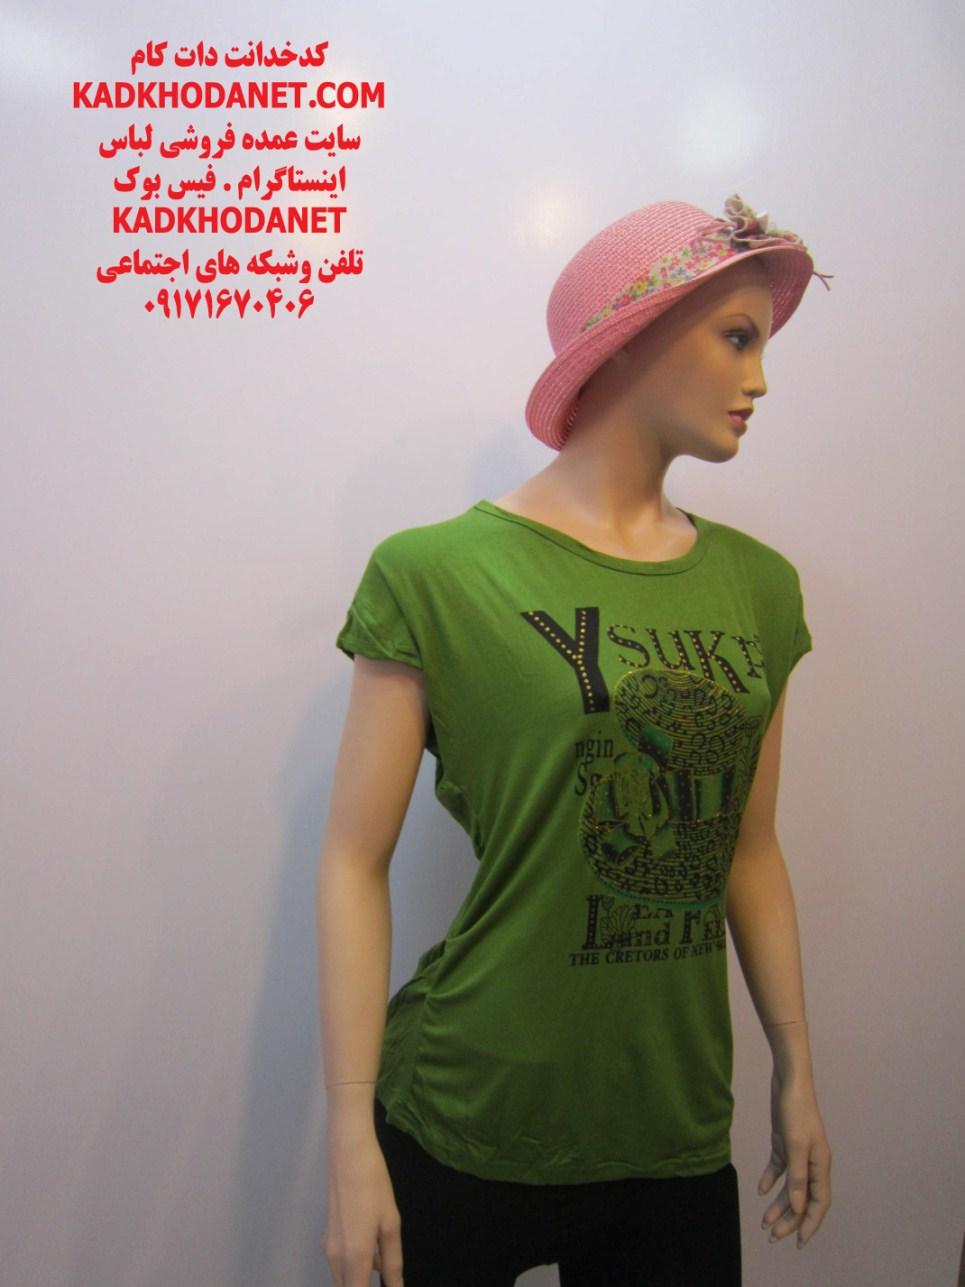 فروش اینترنتی لباس زنانه (2)